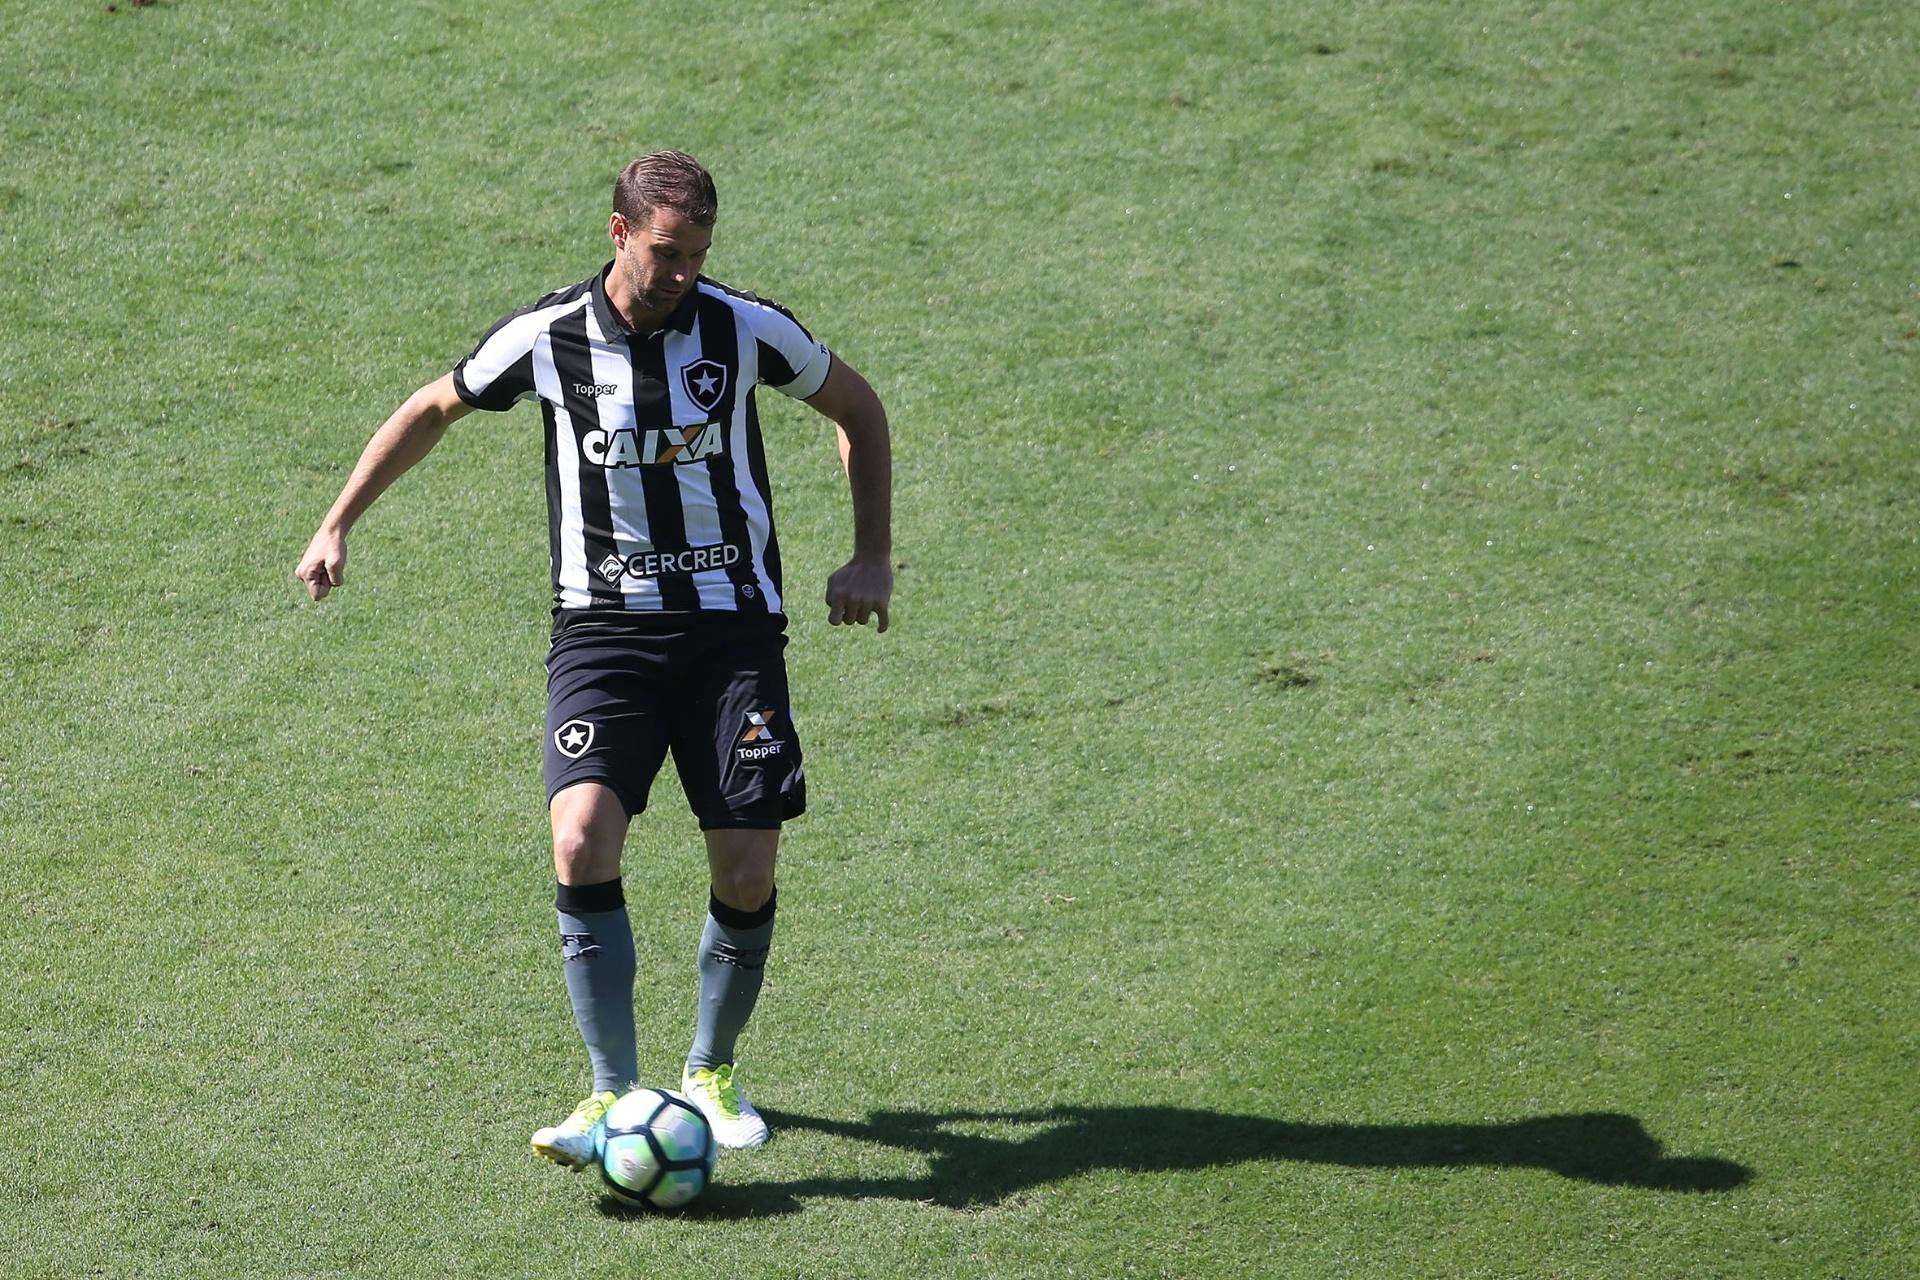 Ele e os garotos  Carli passa a ser o único zagueiro veterano do Botafogo -  05 01 2018 - UOL Esporte b11c0fd428e02